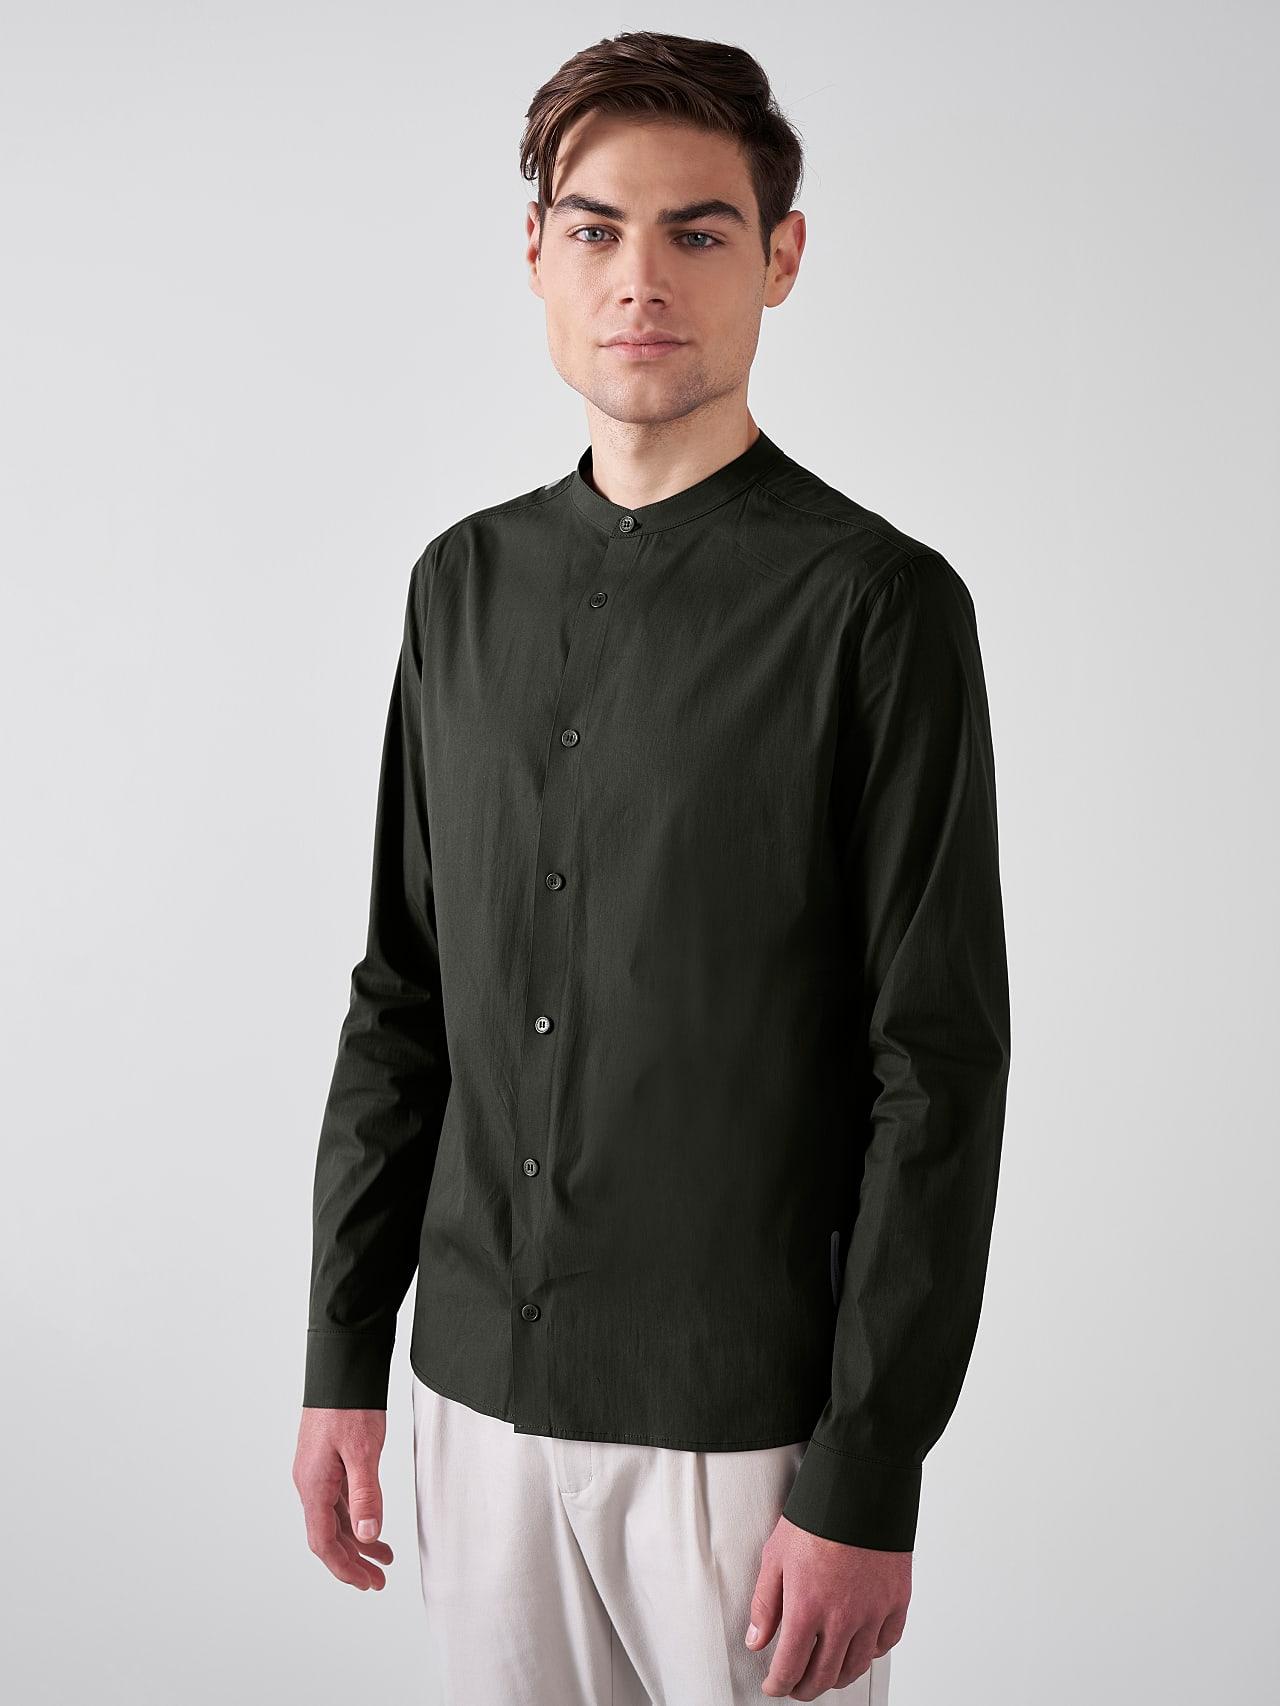 WIDT V9.Y5.01 Stand-Up Collar Cotton-Stretch Shirt olive Model shot Alpha Tauri